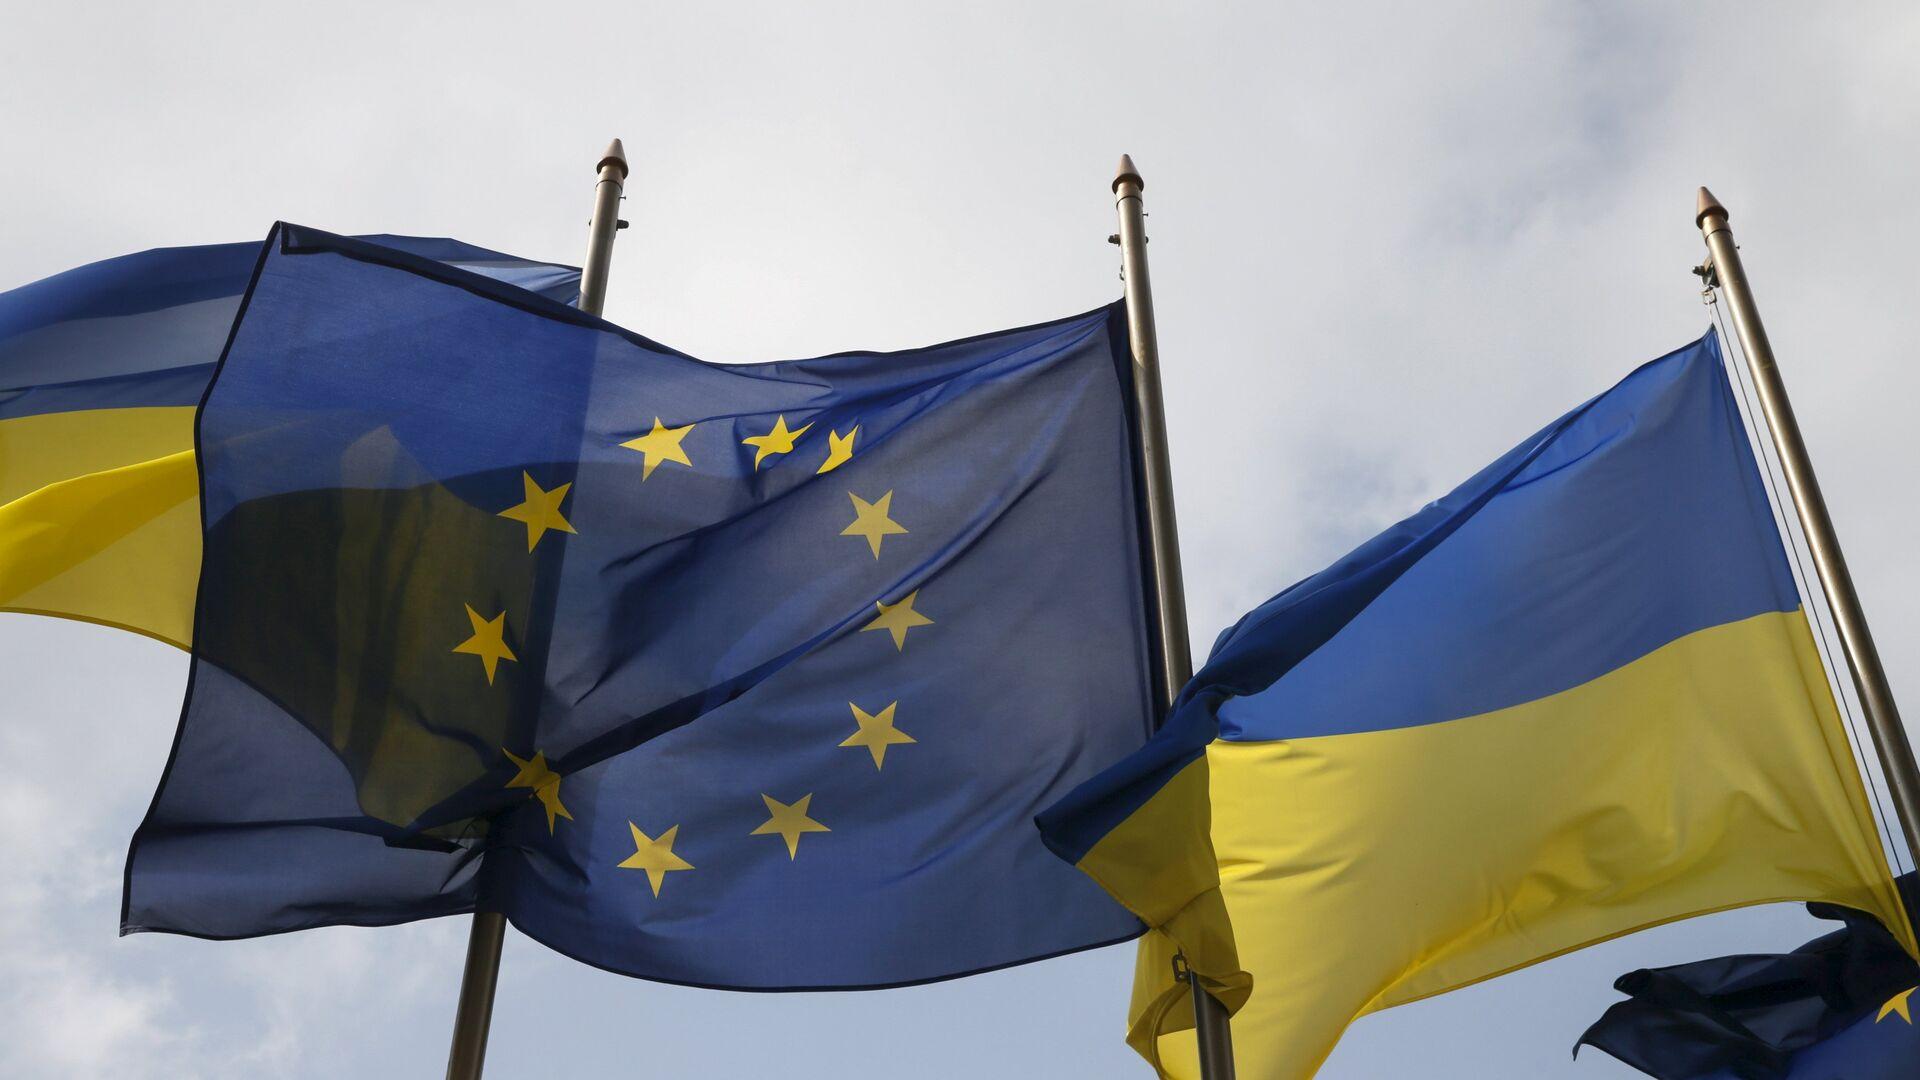 Las banderas de la UE y de Ucrania  - Sputnik Mundo, 1920, 09.06.2021